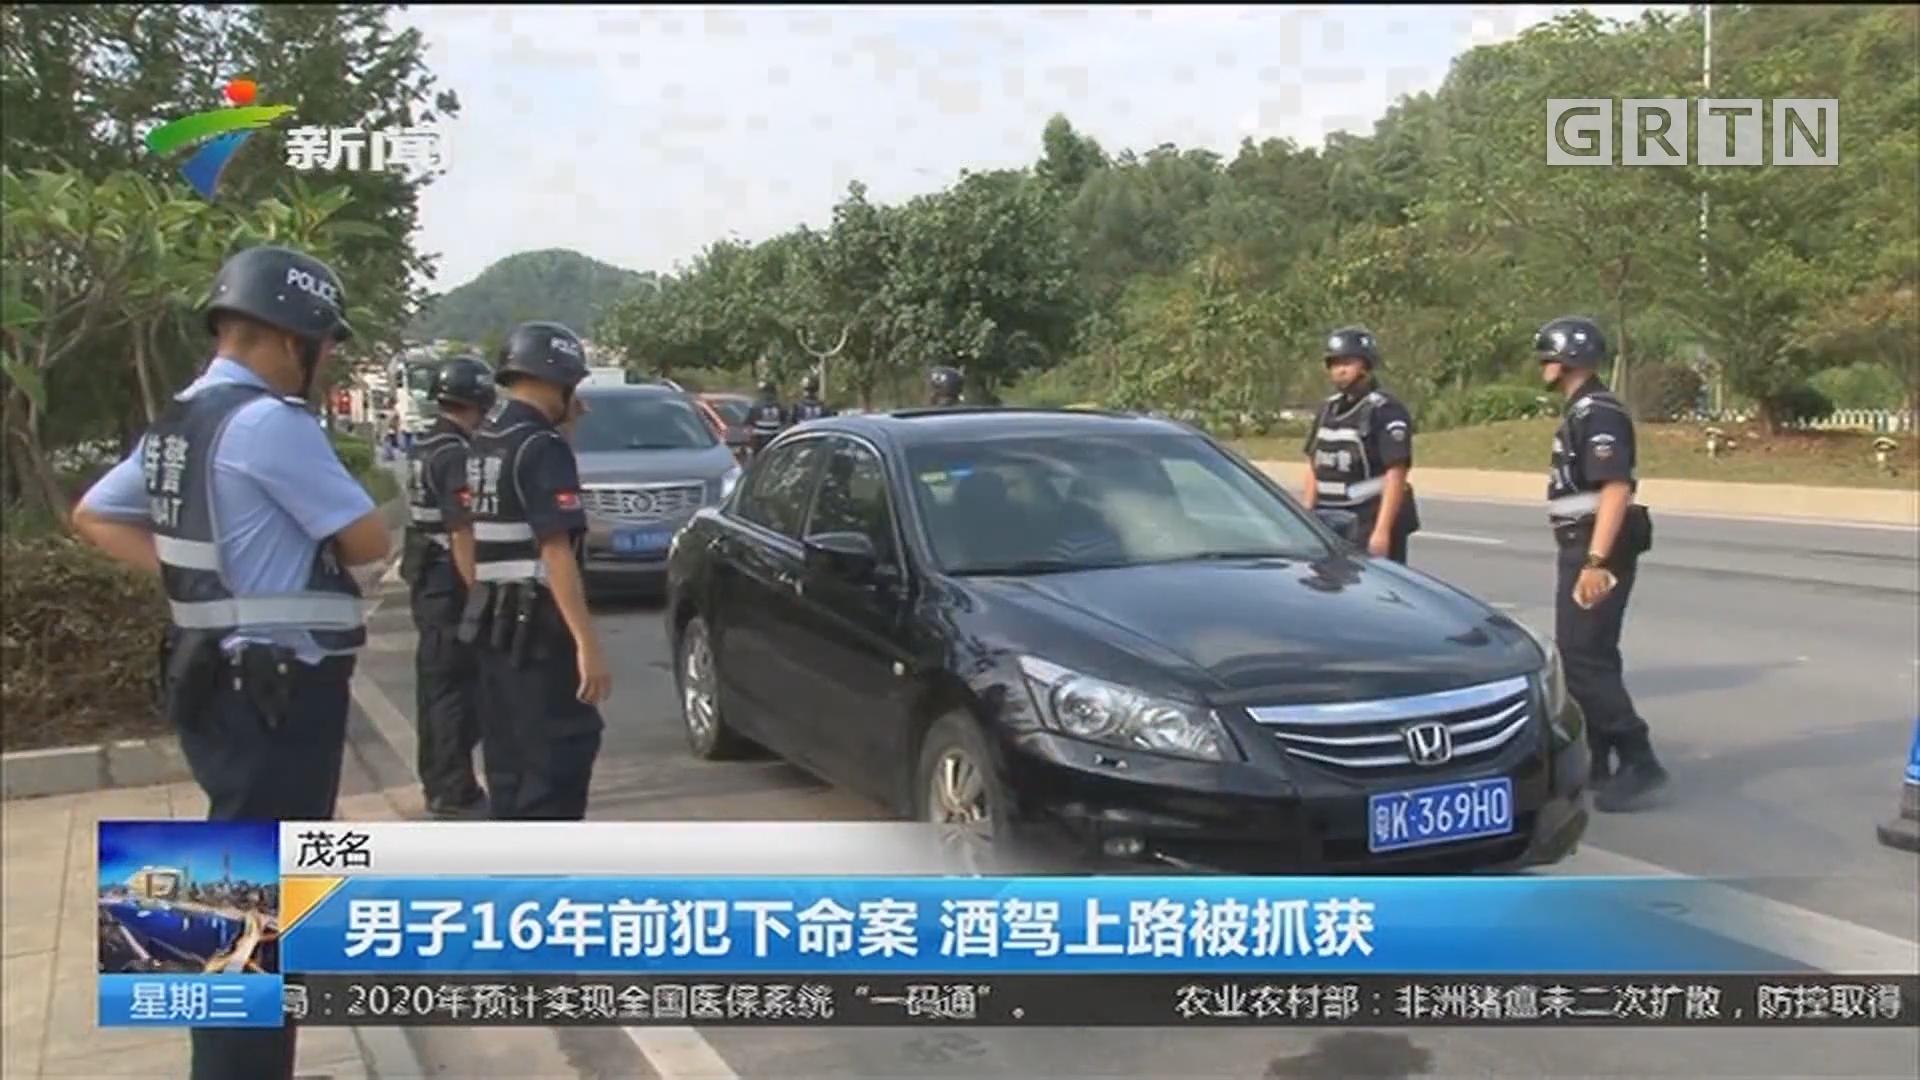 茂名:男子16年前犯下命案 酒驾上路被抓获